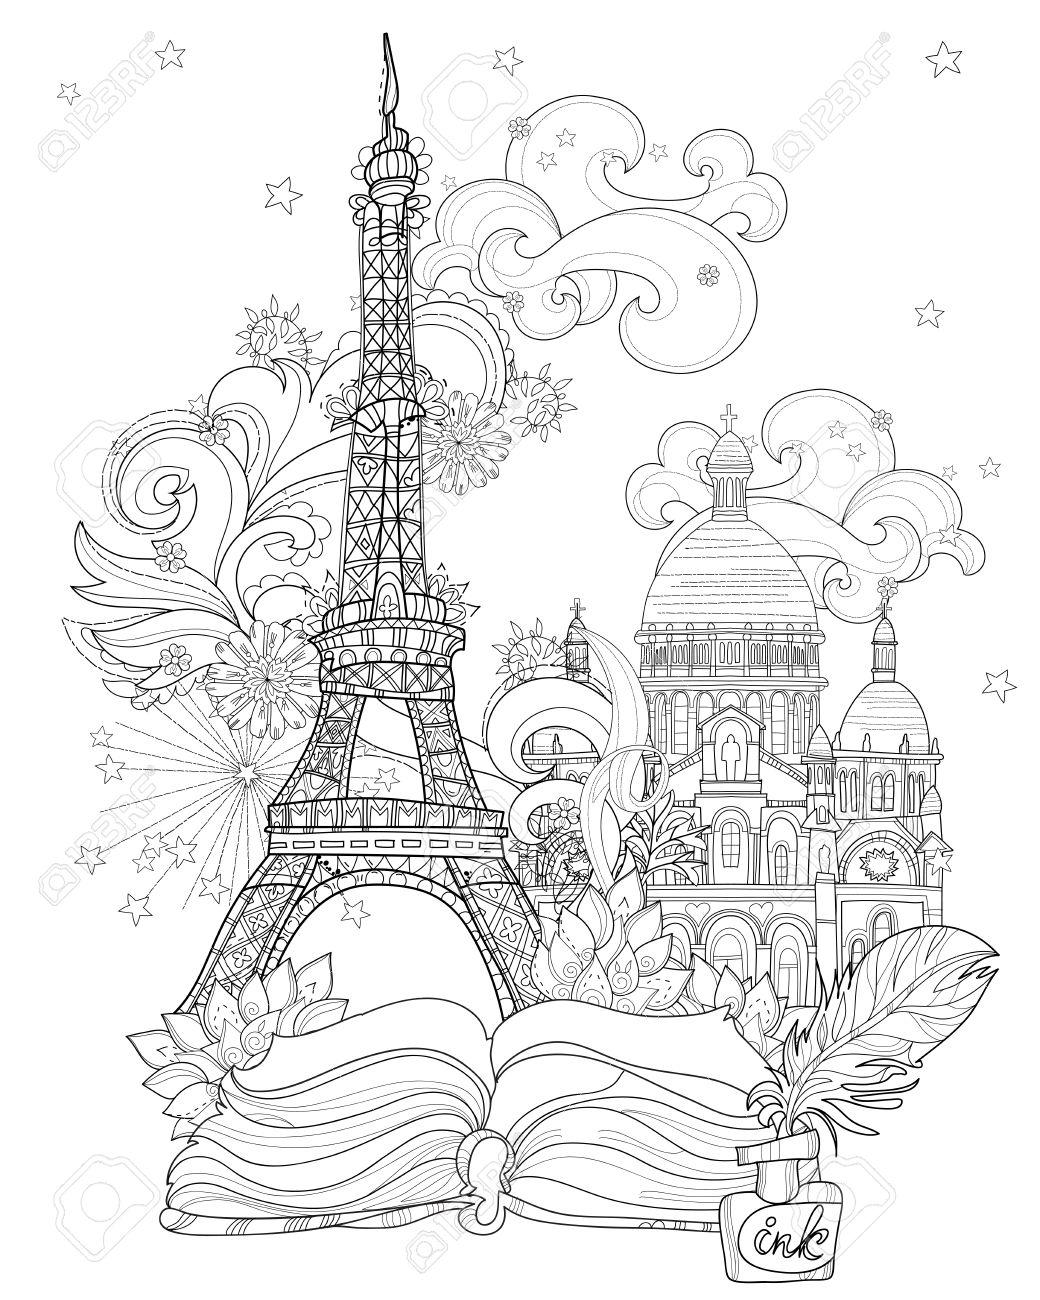 Arte Zen Estilizada Torre Eiffel Dibujados A Mano Ilustración Vectorial De Magicsketch Historia Para El Cartel Niños O Adultos Páginas Para